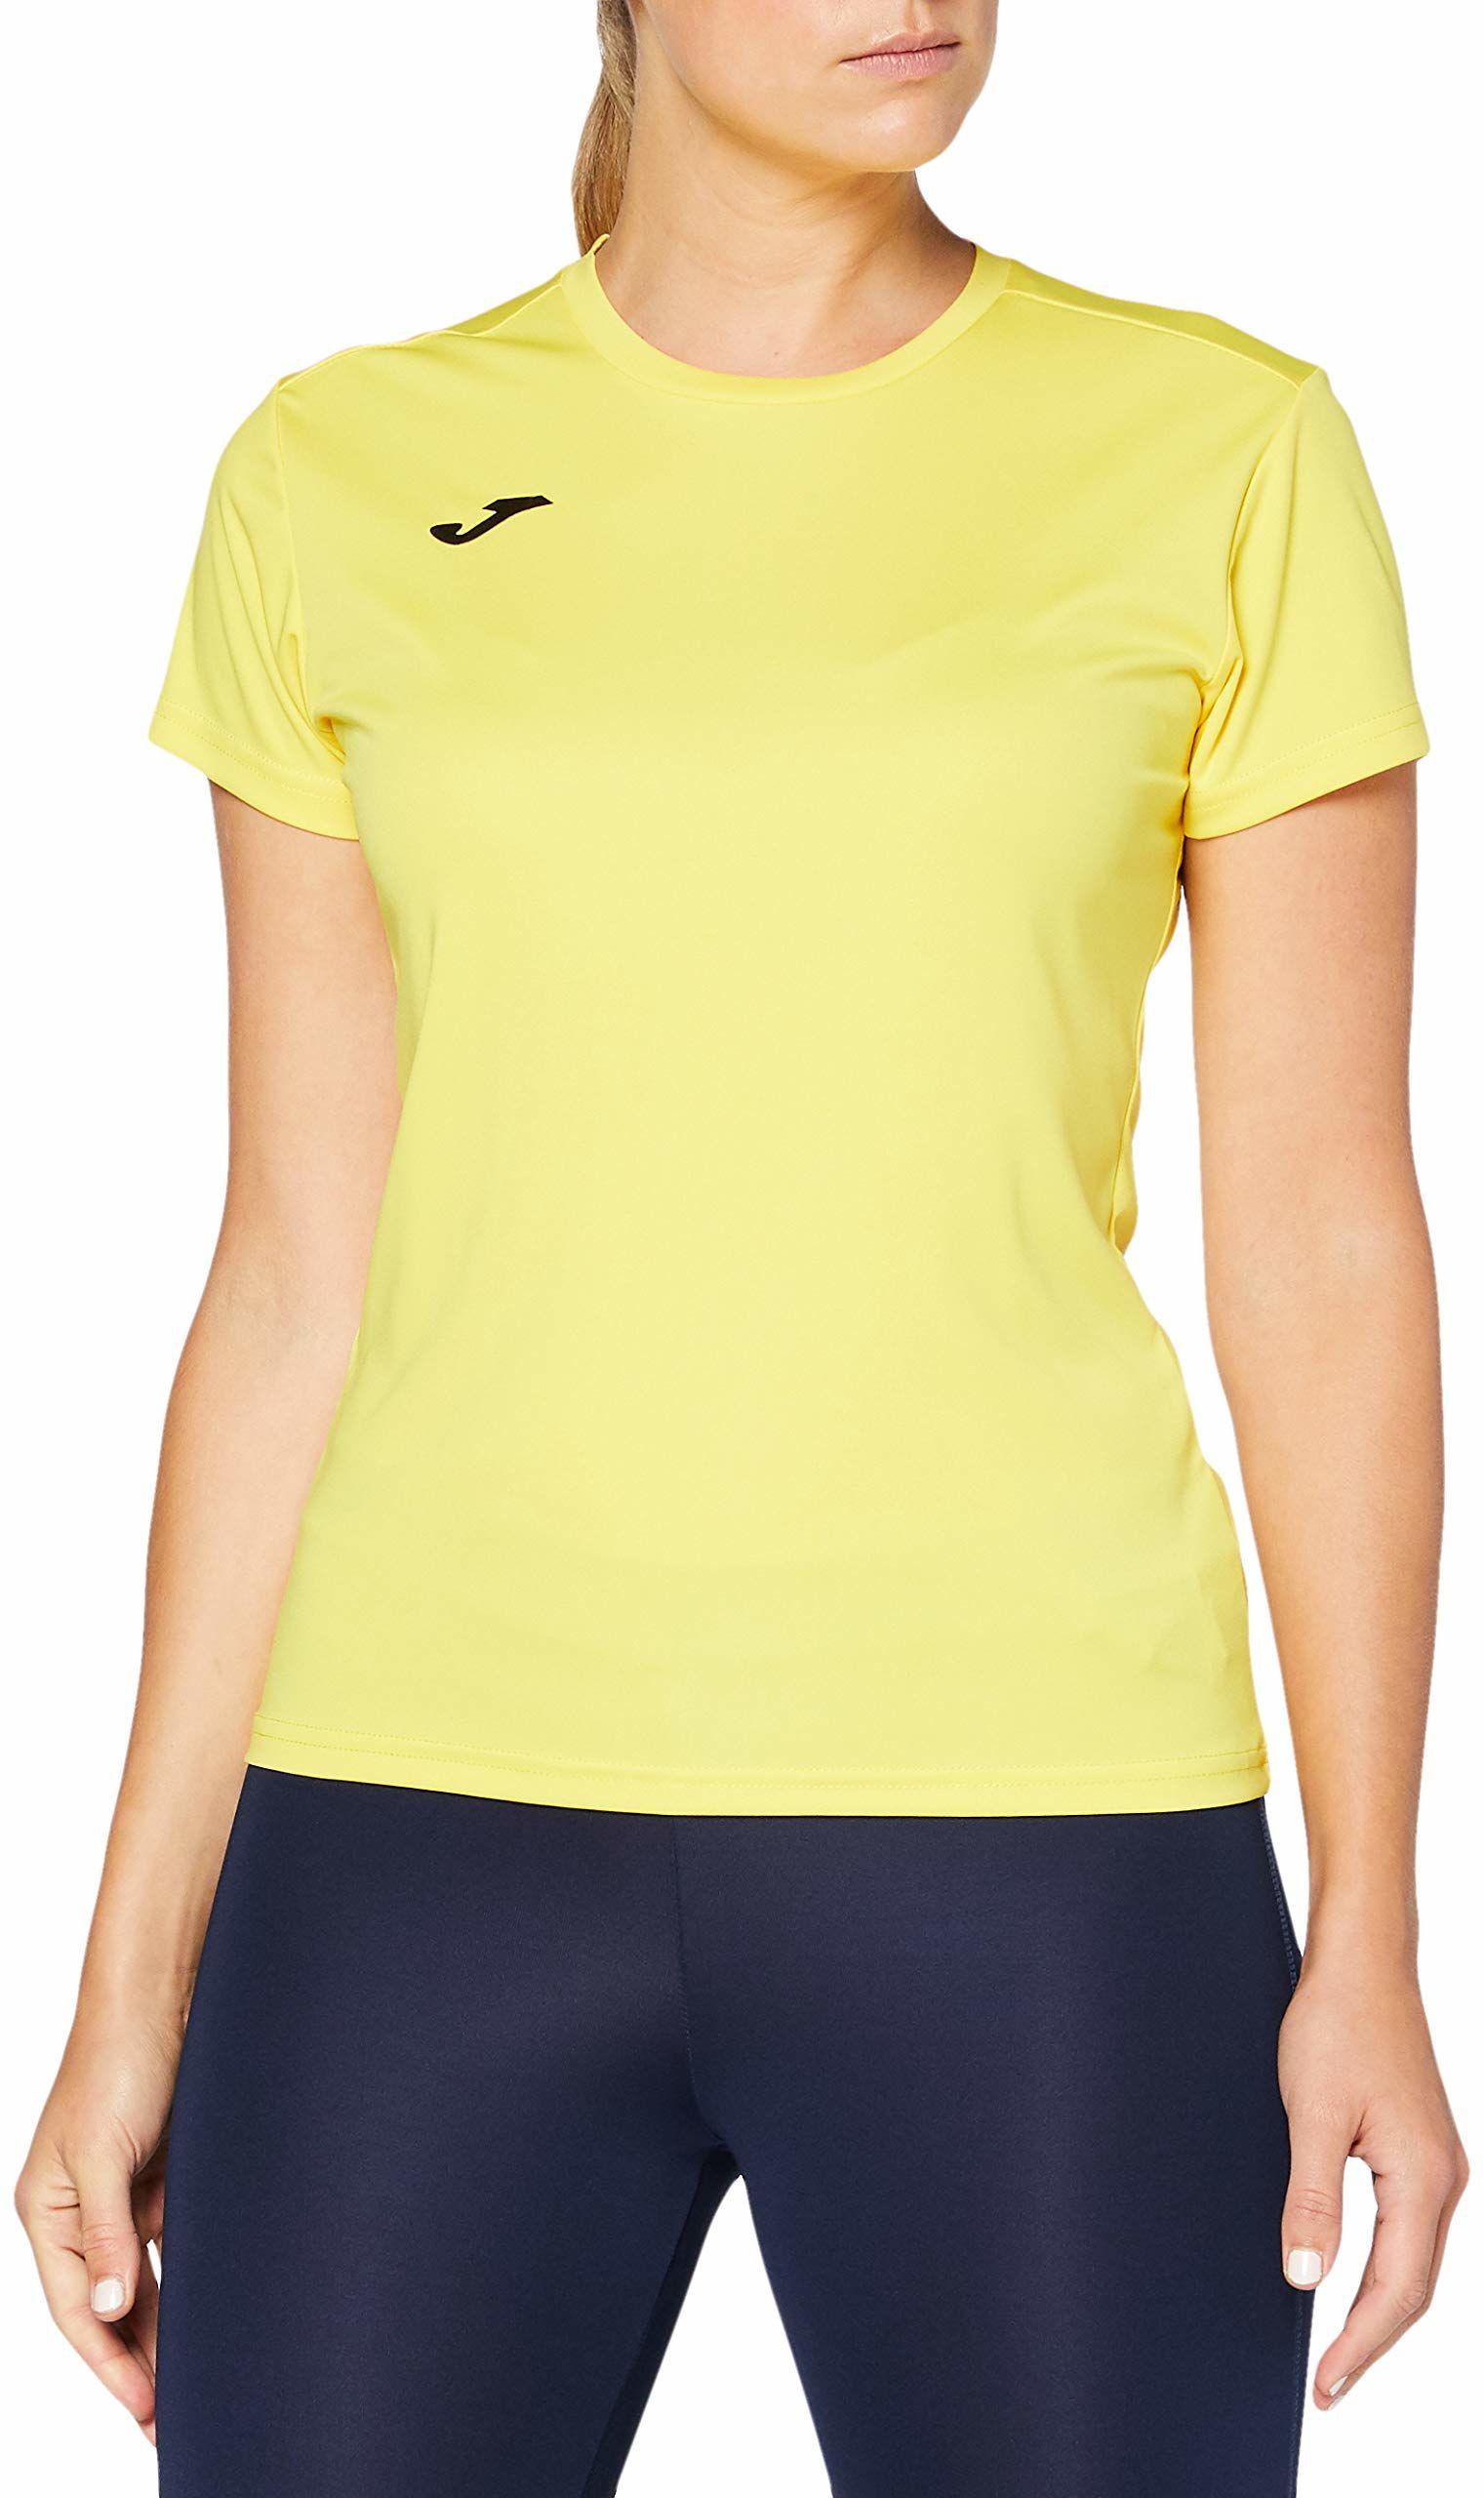 Joma damskie 900248.900 Joma 900248.900 damskie t-shirty - żółty/żółty, duży Yellow/Yellow S